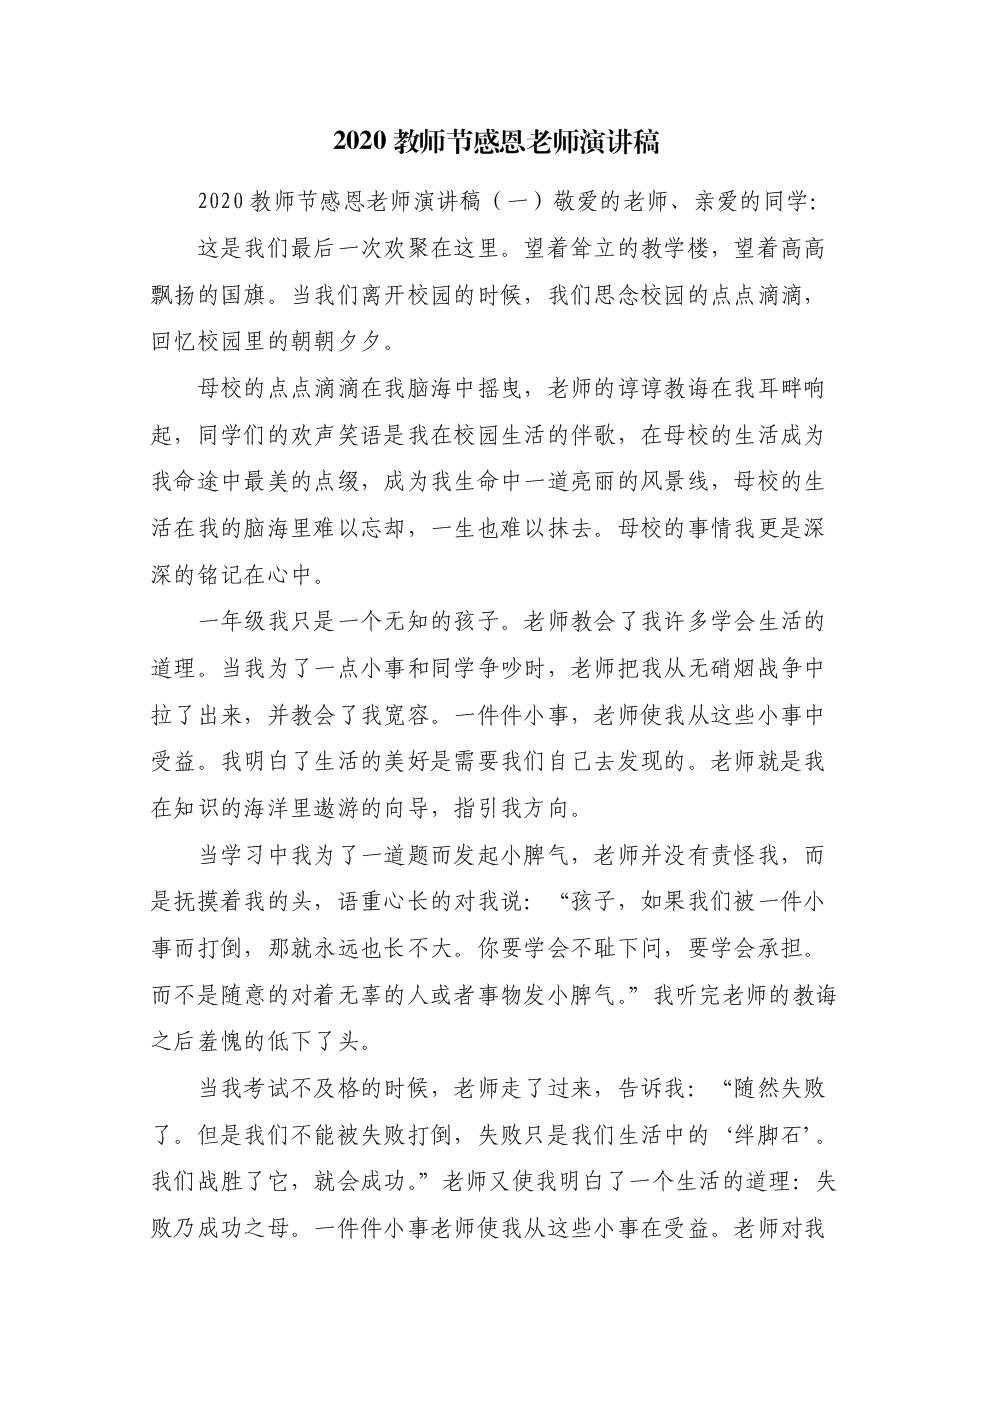 (精选)2020教师节感恩老师演讲稿.doc